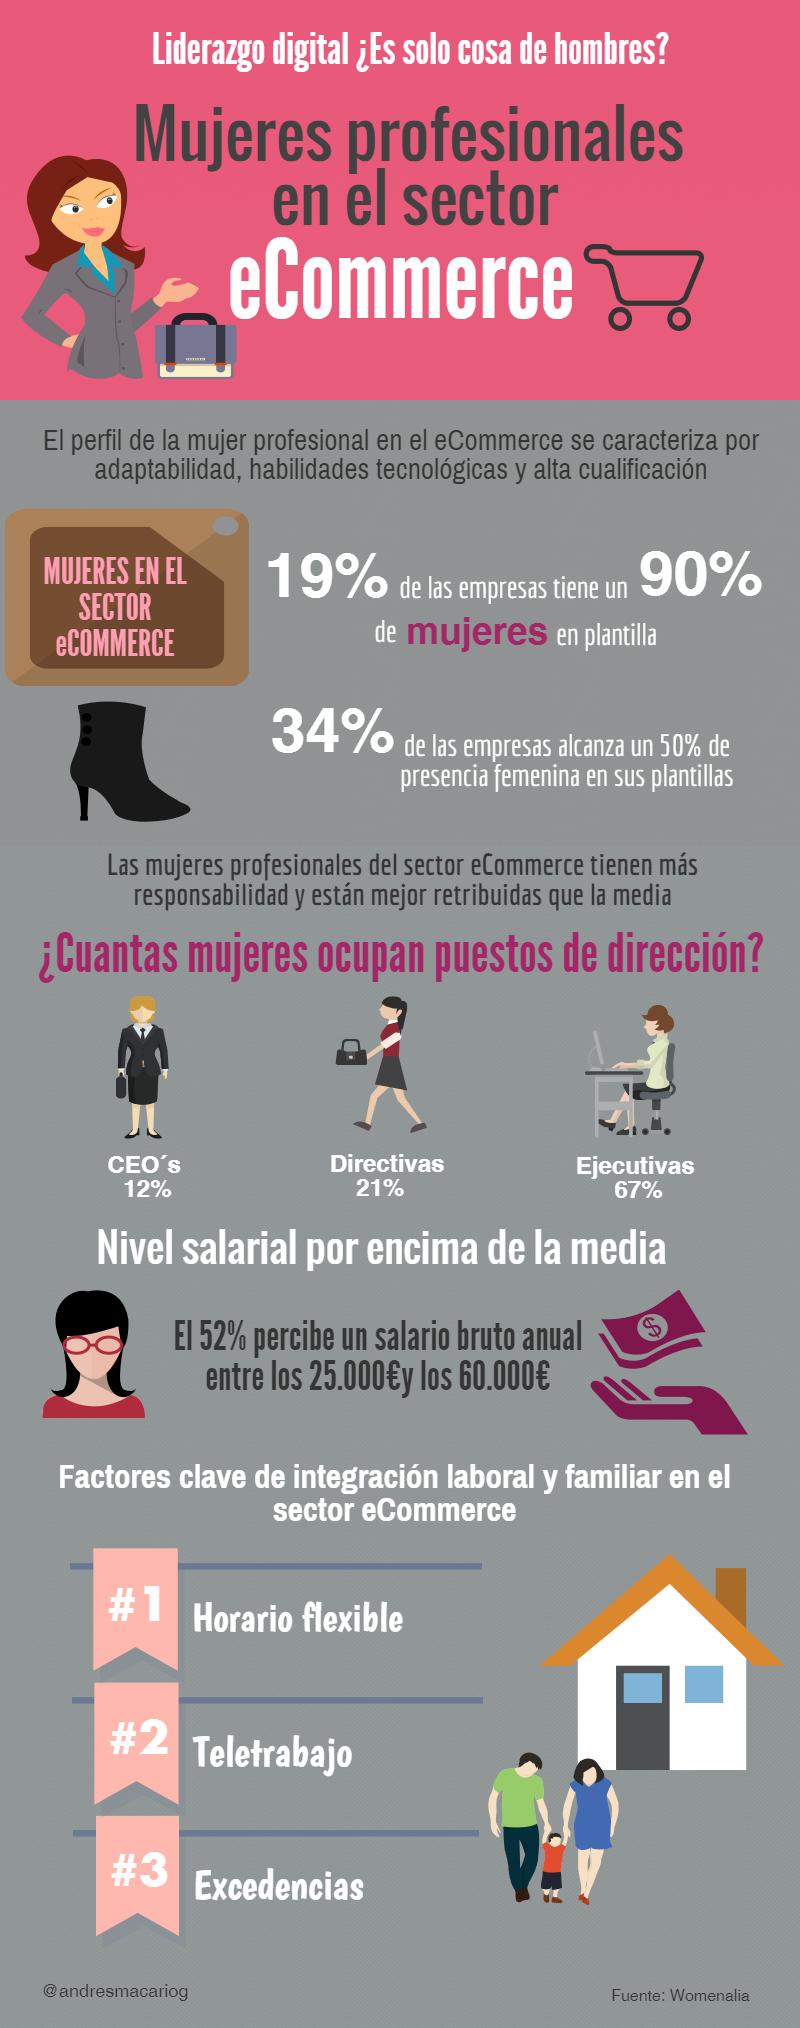 Mujeres profesionales en el sector eCommerce